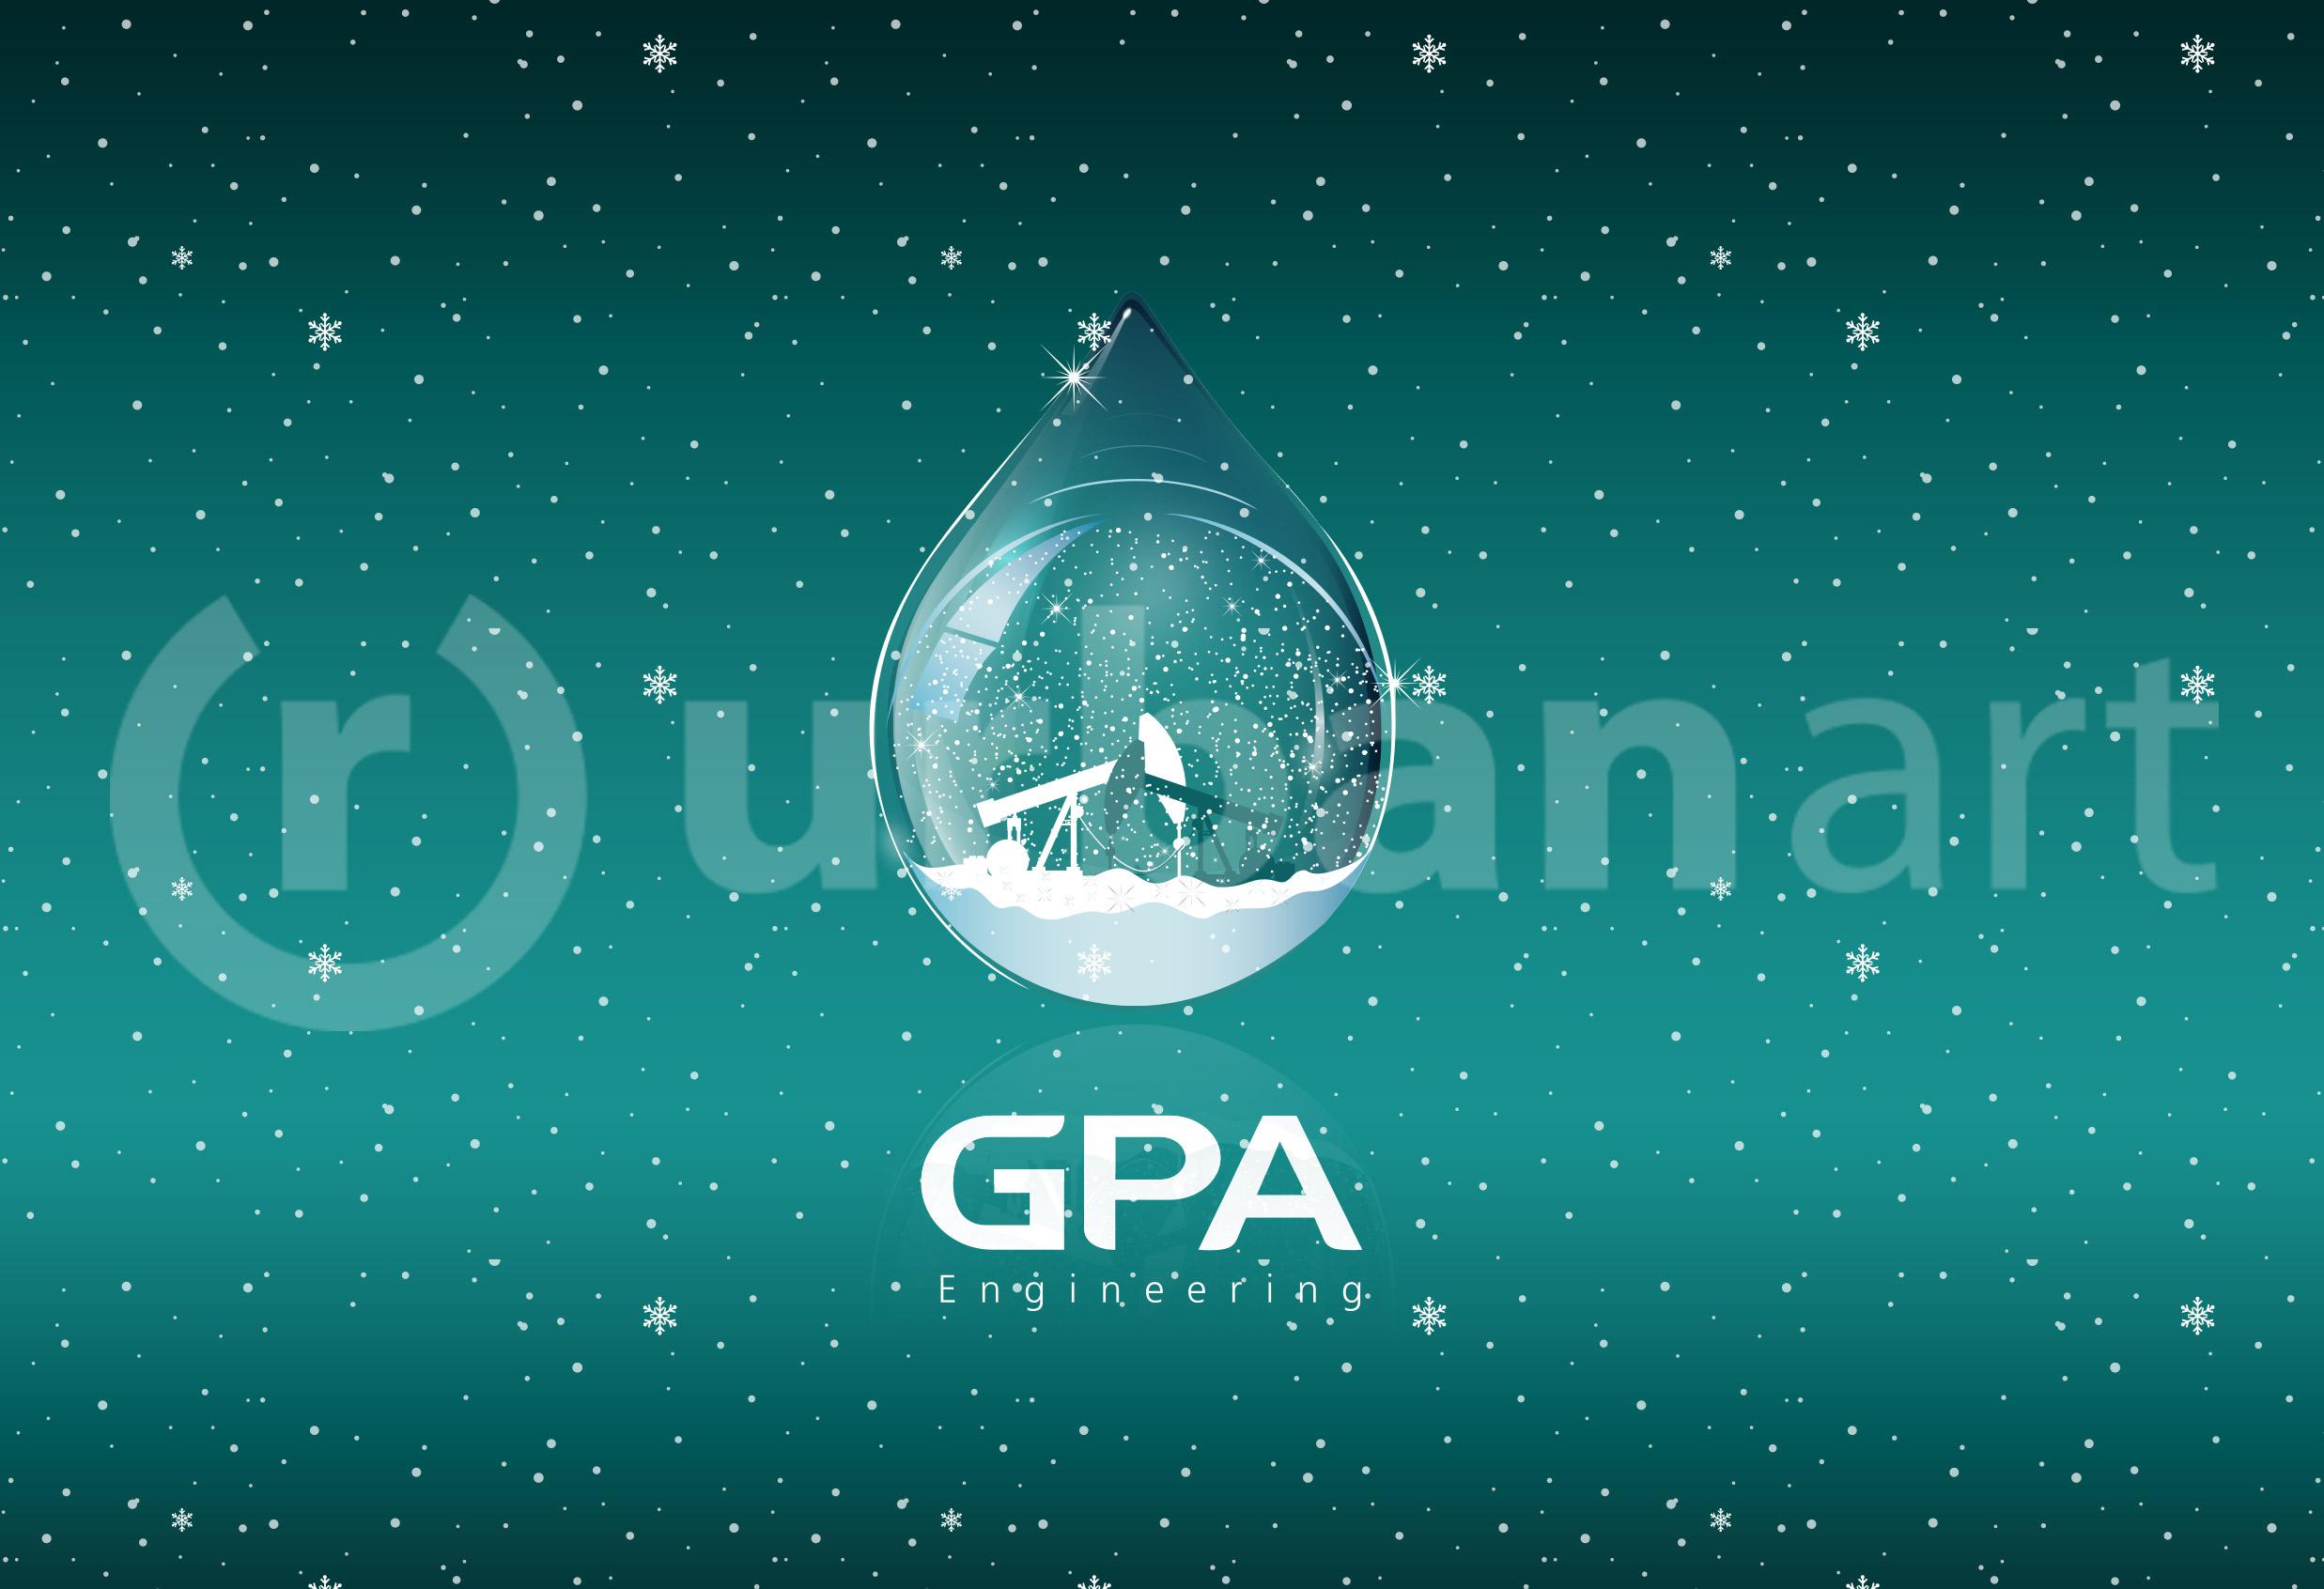 Разработка концепции новогодних подарков для GPA engineering